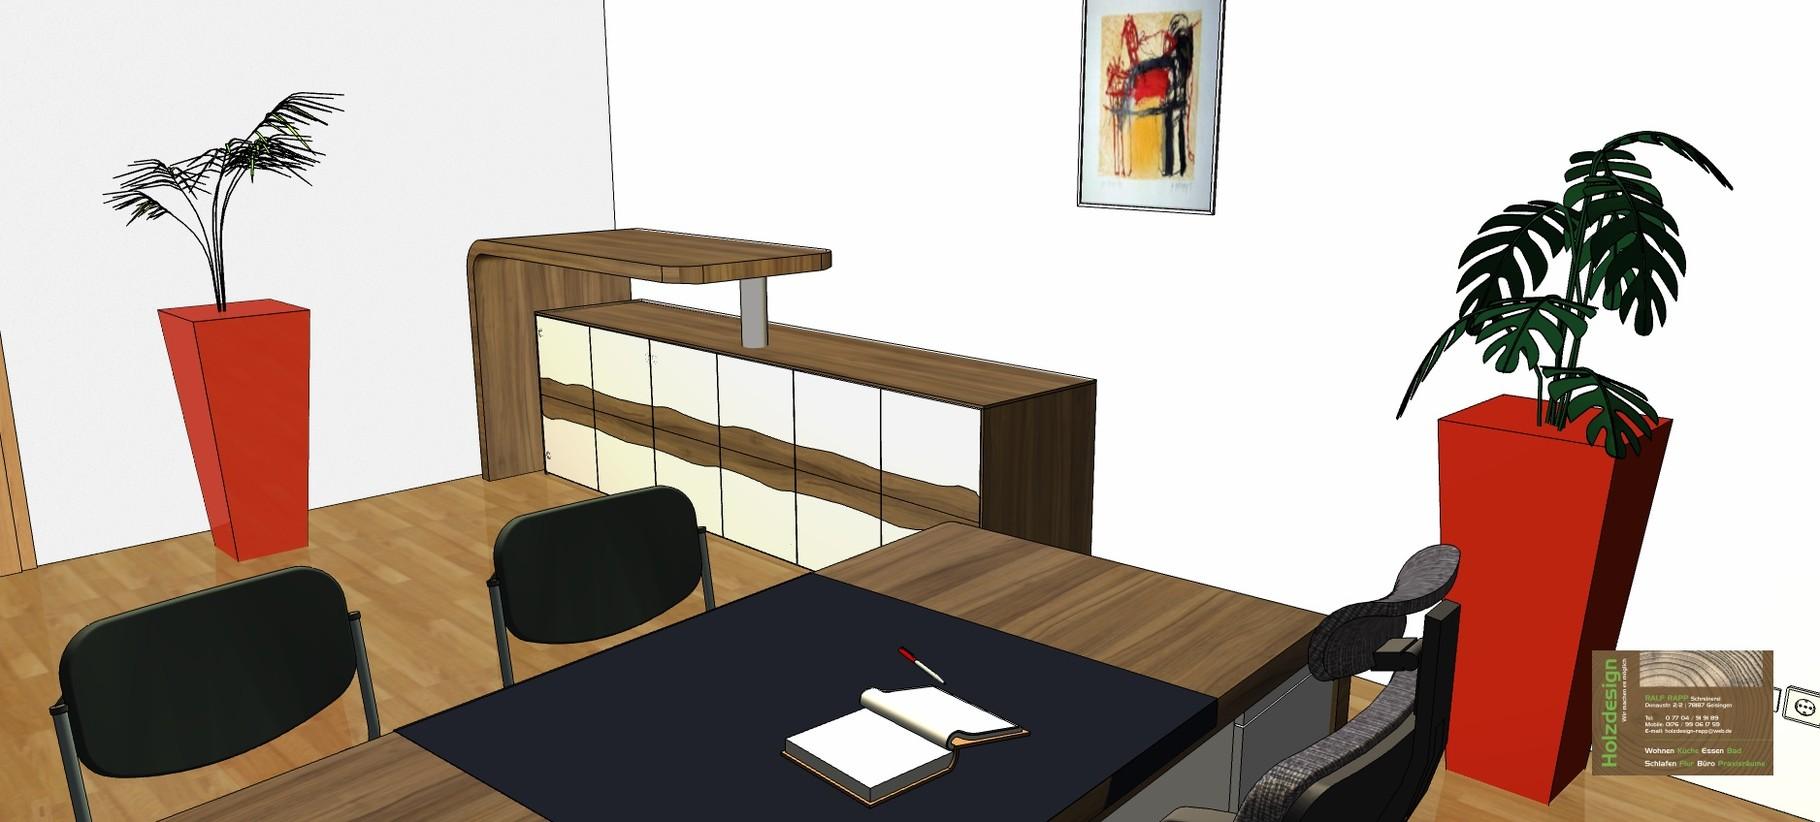 Planung Büroeinrichtung Abbildung Sideboard